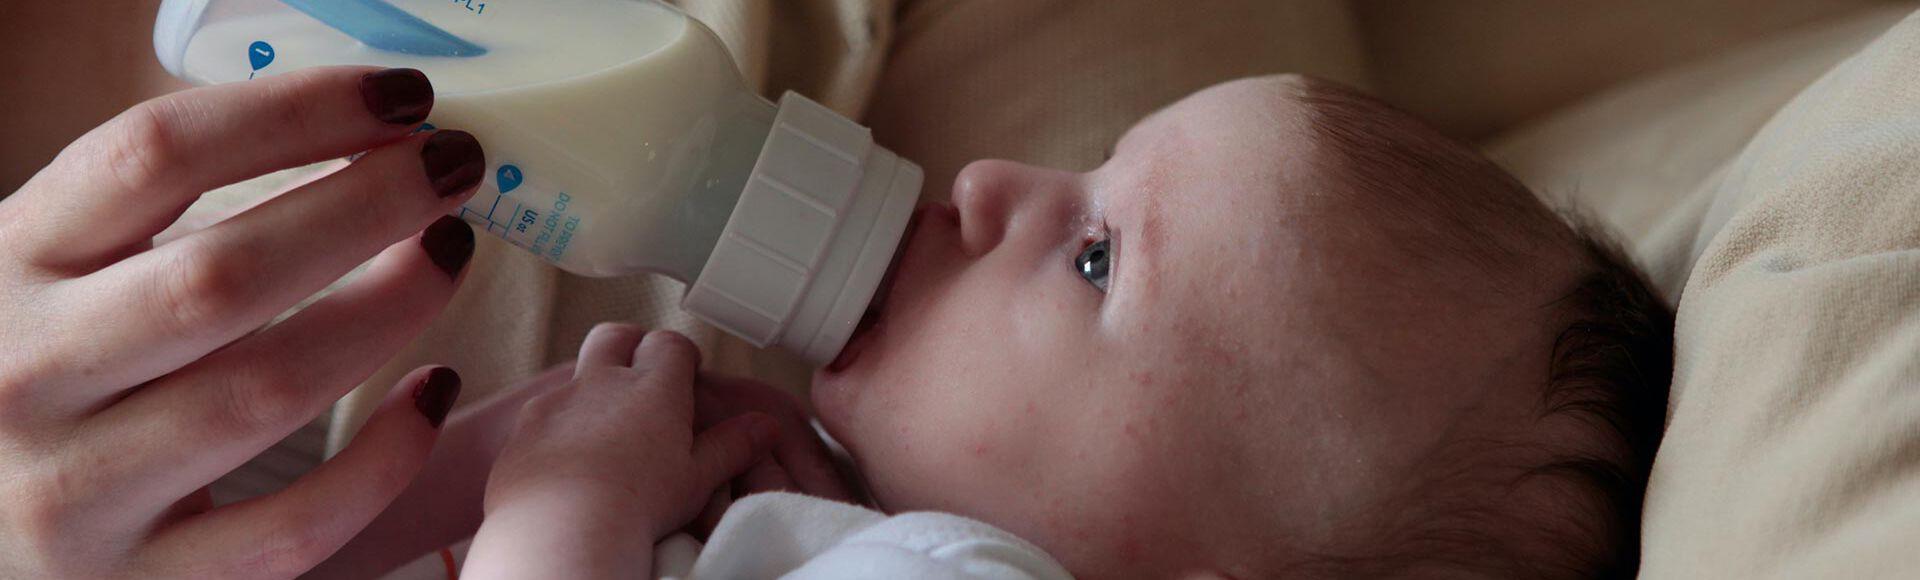 Diferencias entre la leche materna y la de fórmula